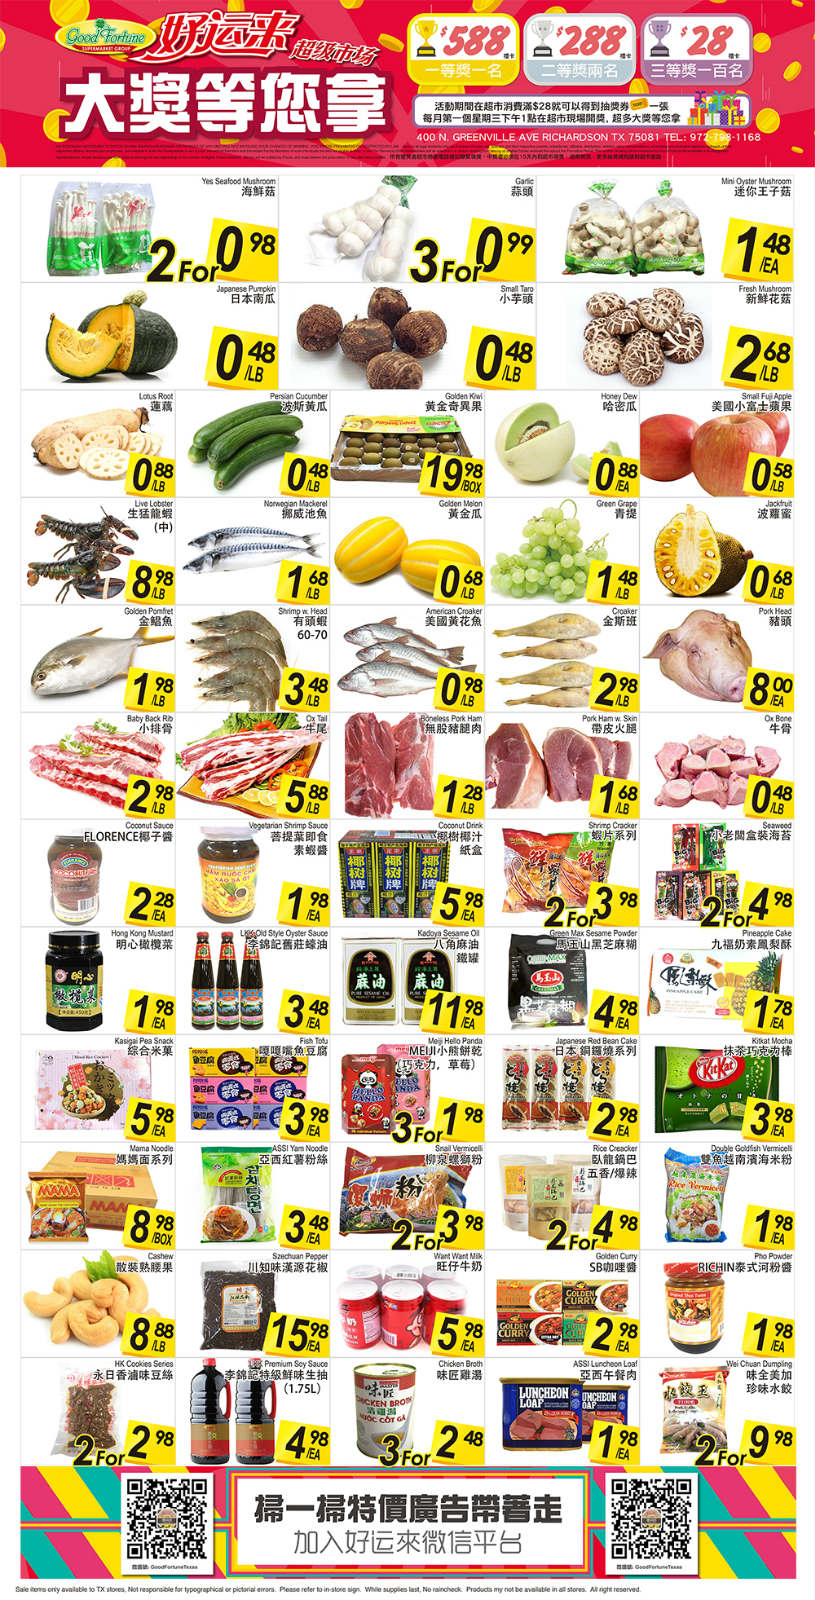 好运来超市 | 5月25日至5月31日特价商品